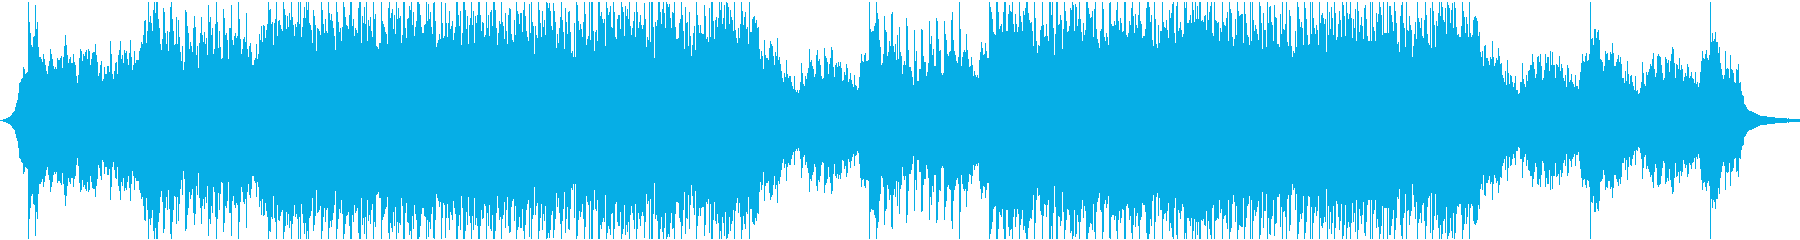 幻想的なEDMの再生済みの波形